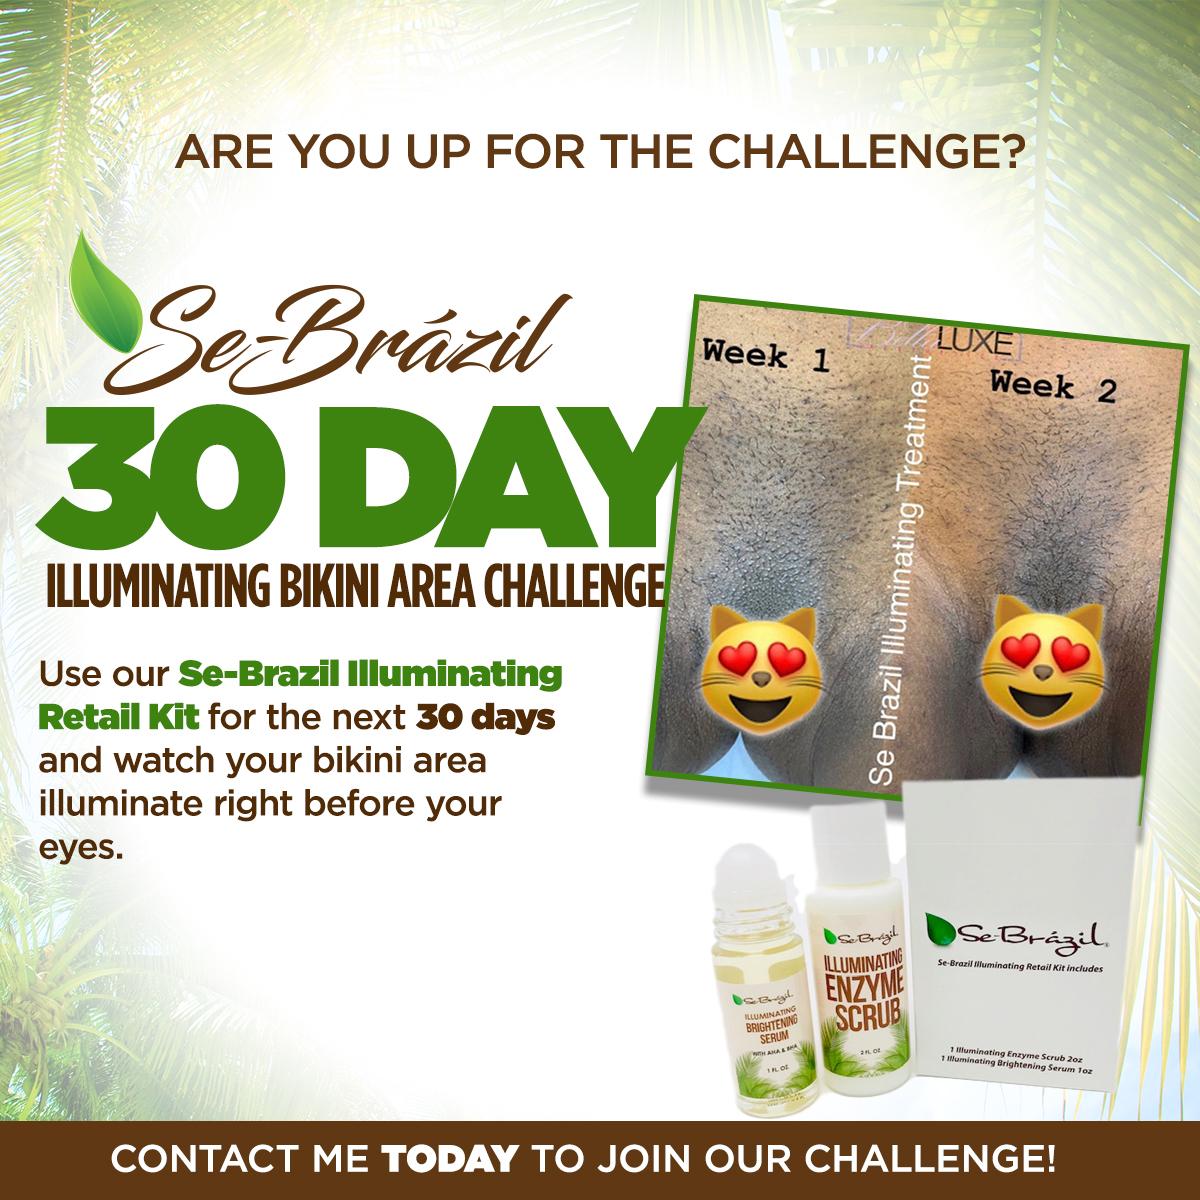 se-braazil-30-day-bikini-challenge2.jpg